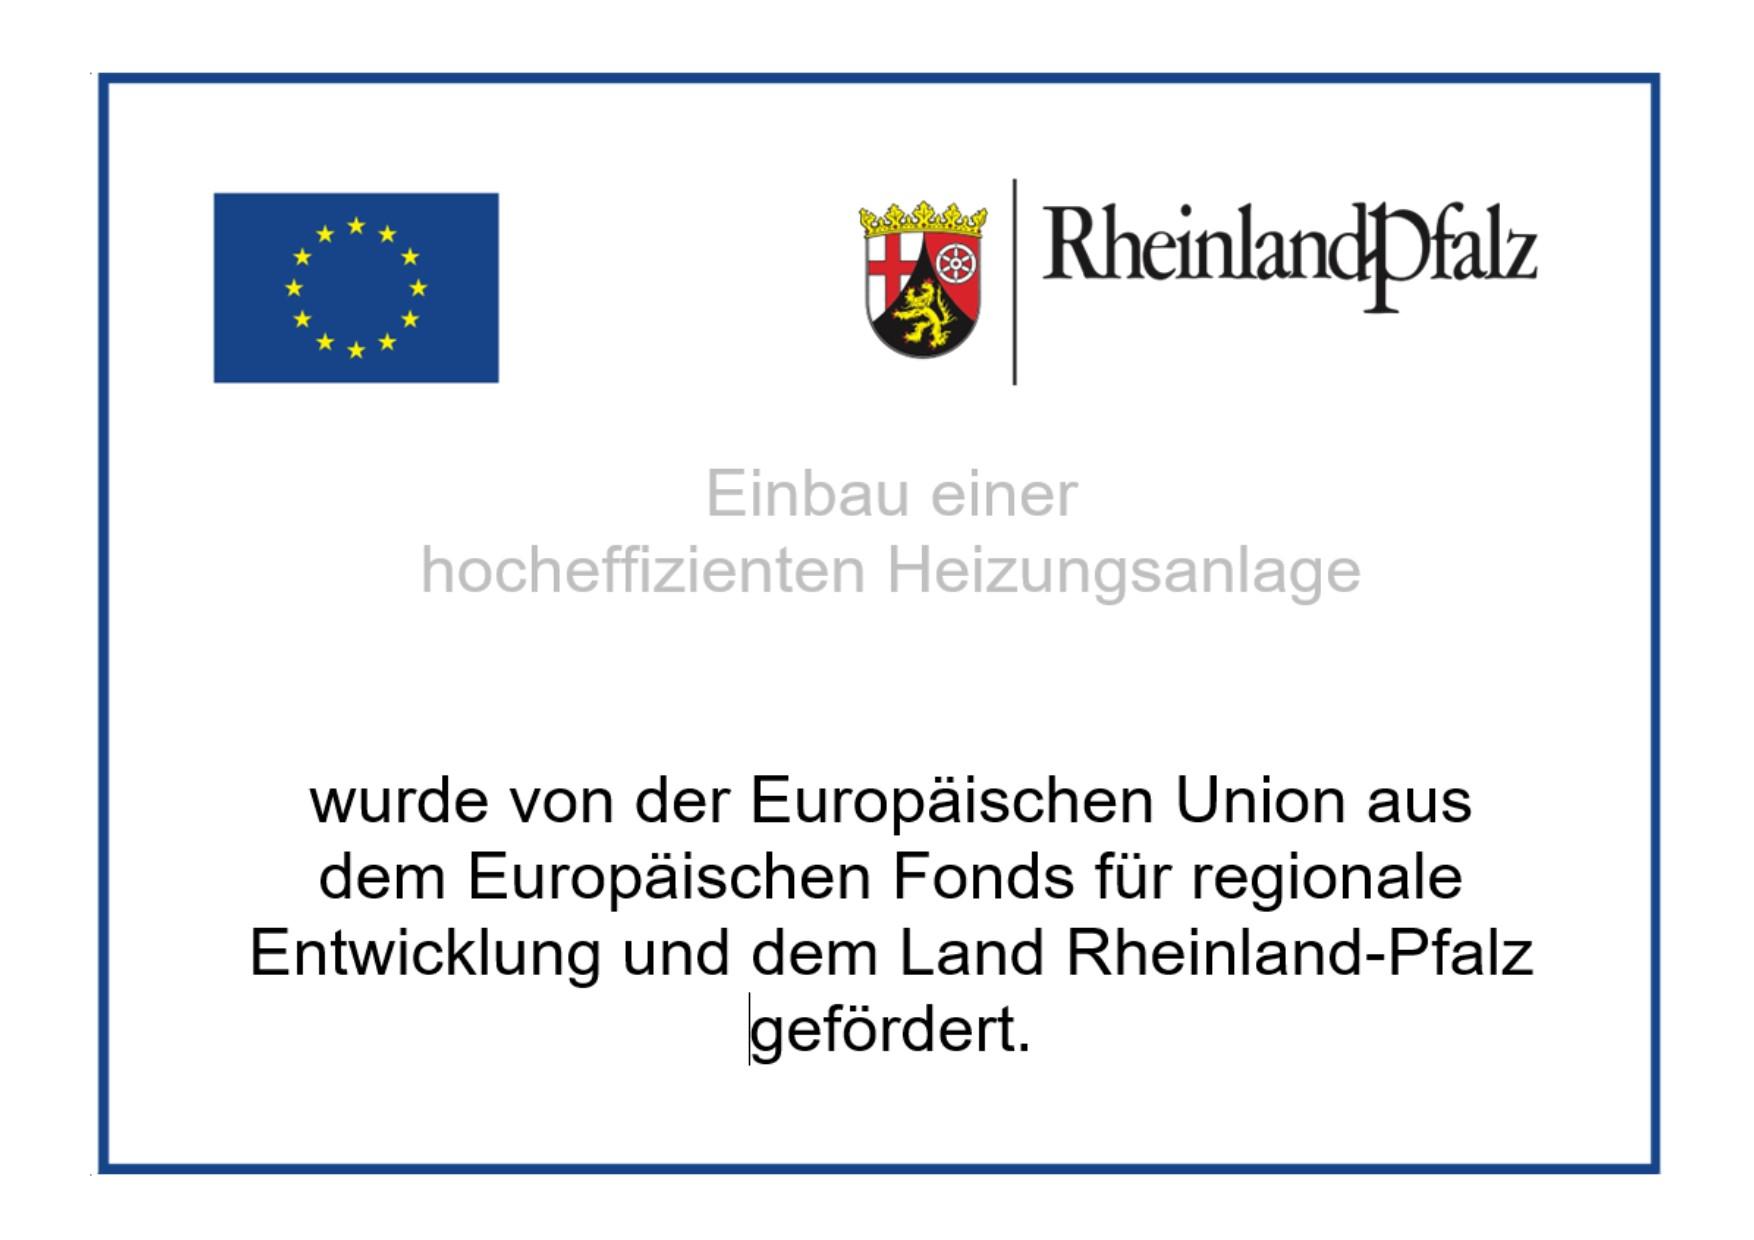 Der Einbau einer hocheffizienten Heizungsanlage,  wurde von der Europäischen Union aus dem Europäischen Fonds für regionale Entwicklung und dem Land Rheinland-Pfalz gefördert.